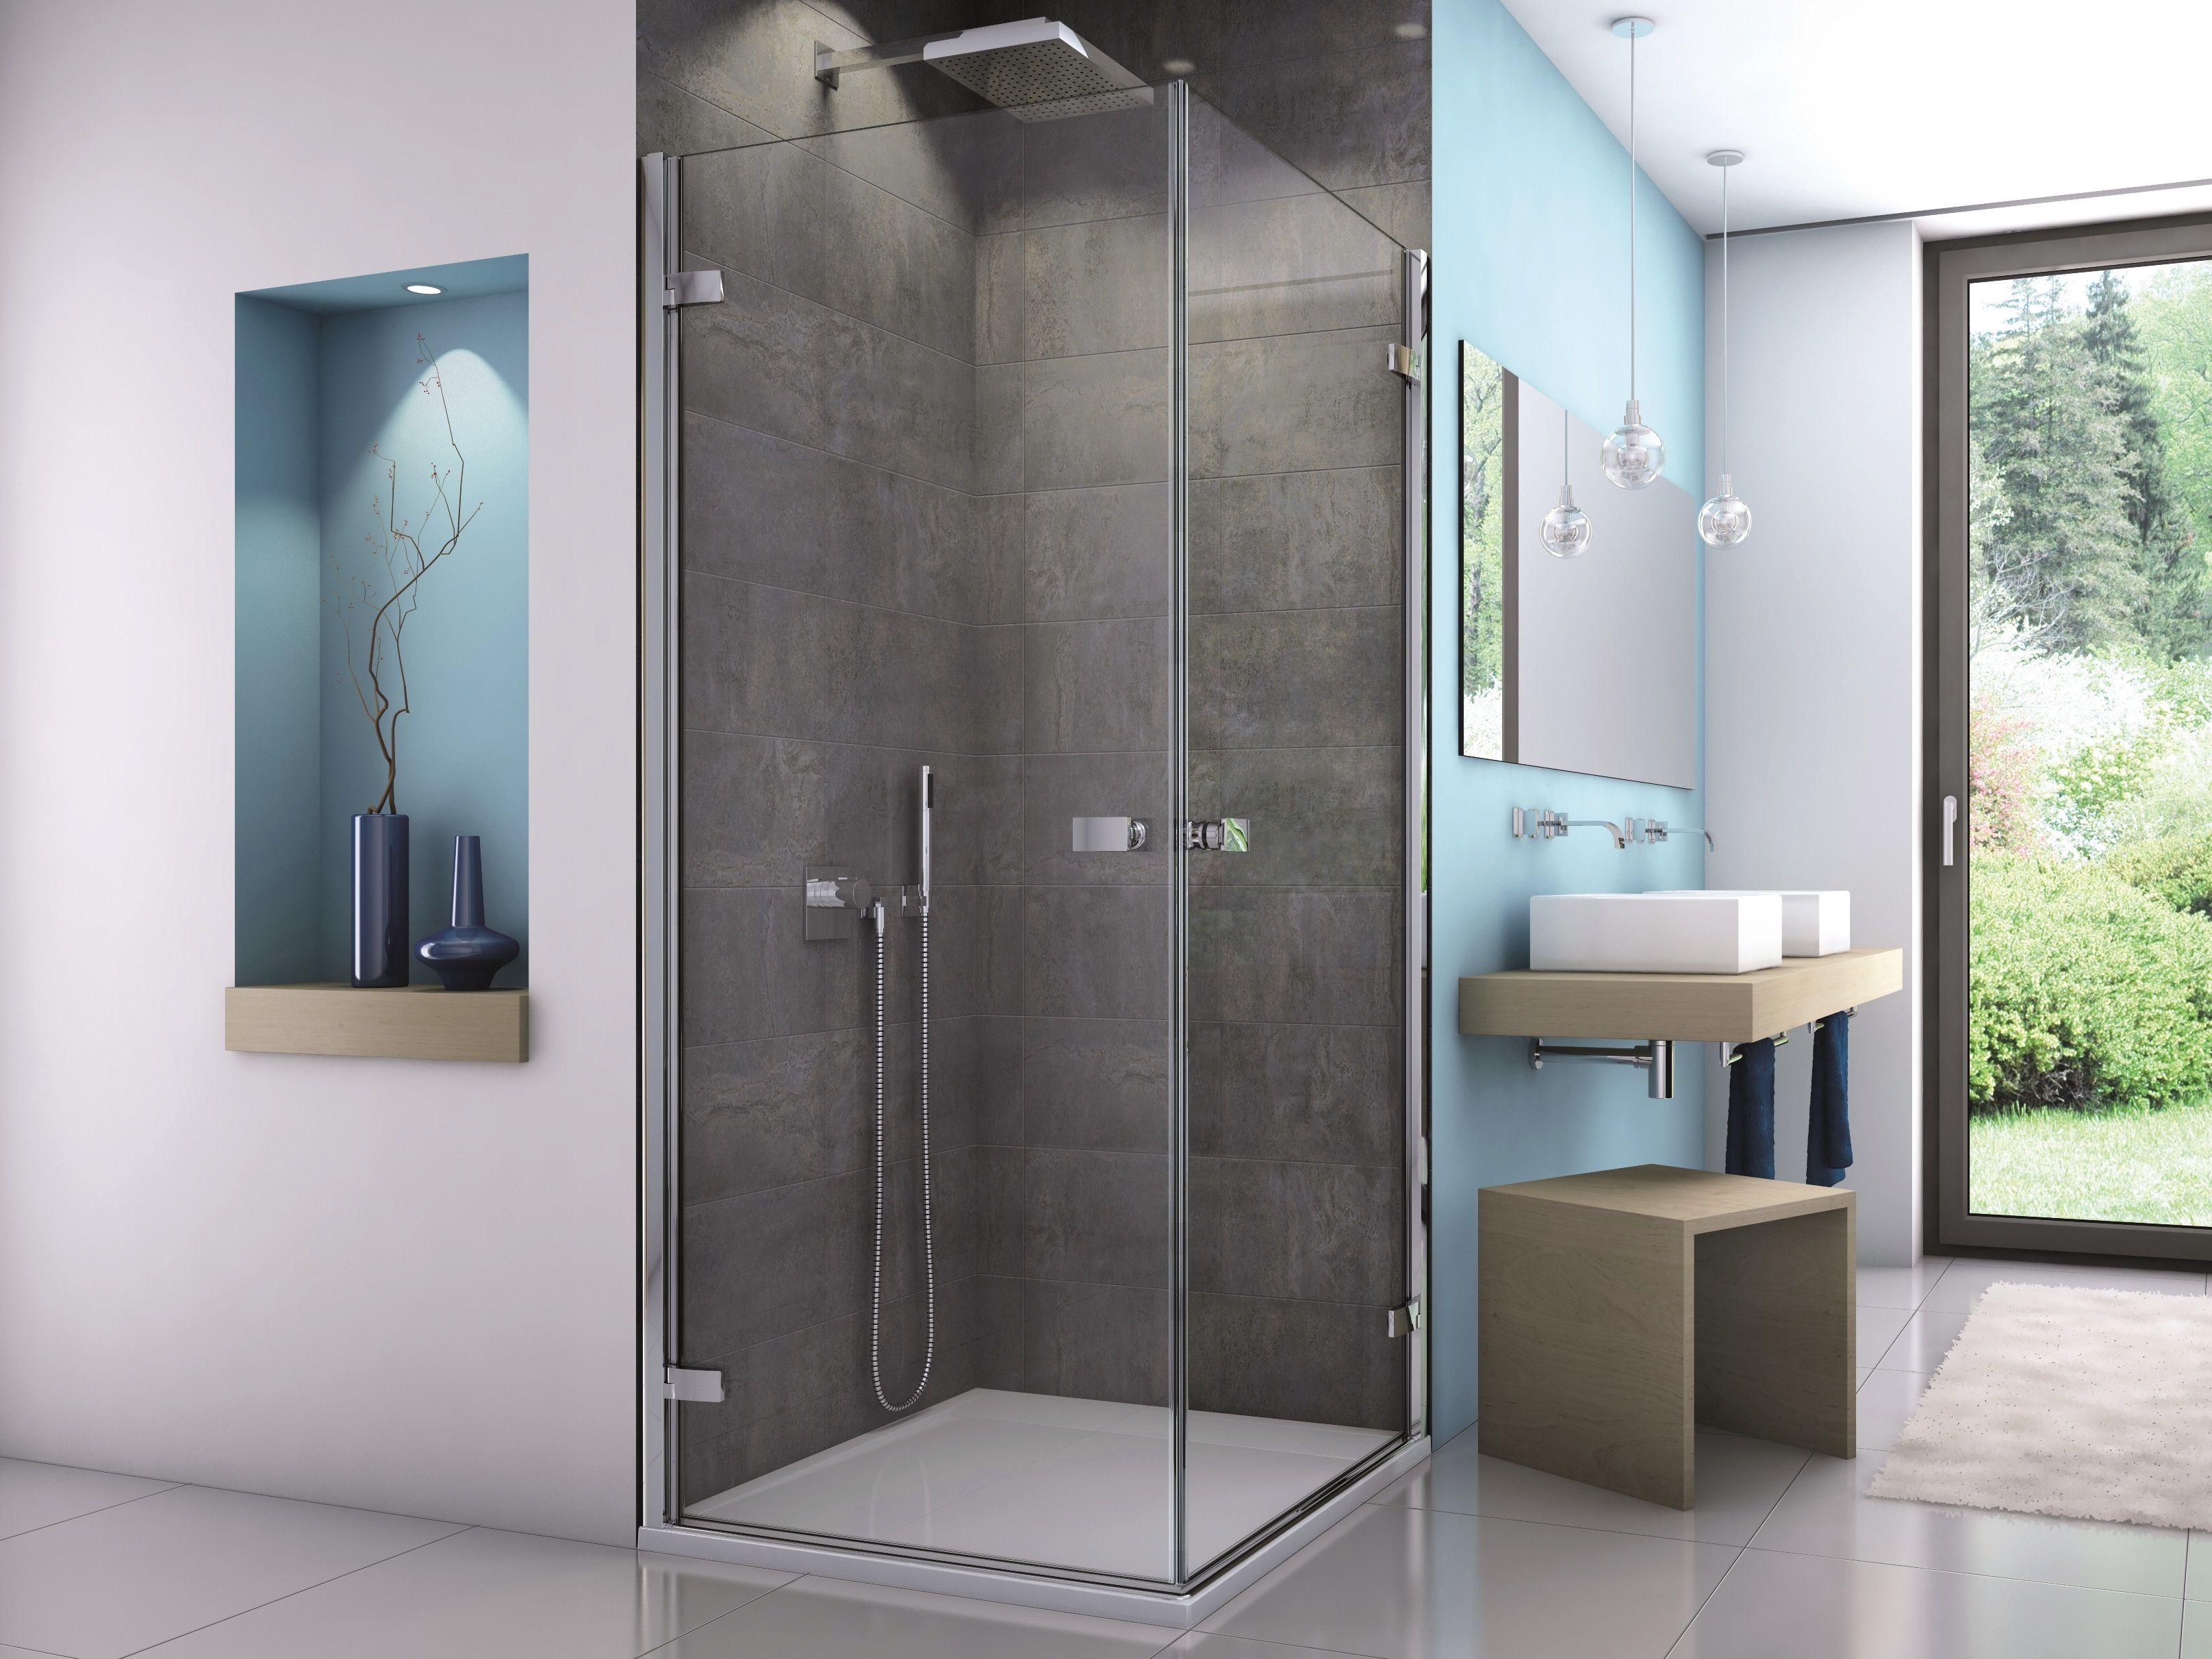 Dusche Eckeinstieg Rahmenlos Duschkabine Eckduschen Und